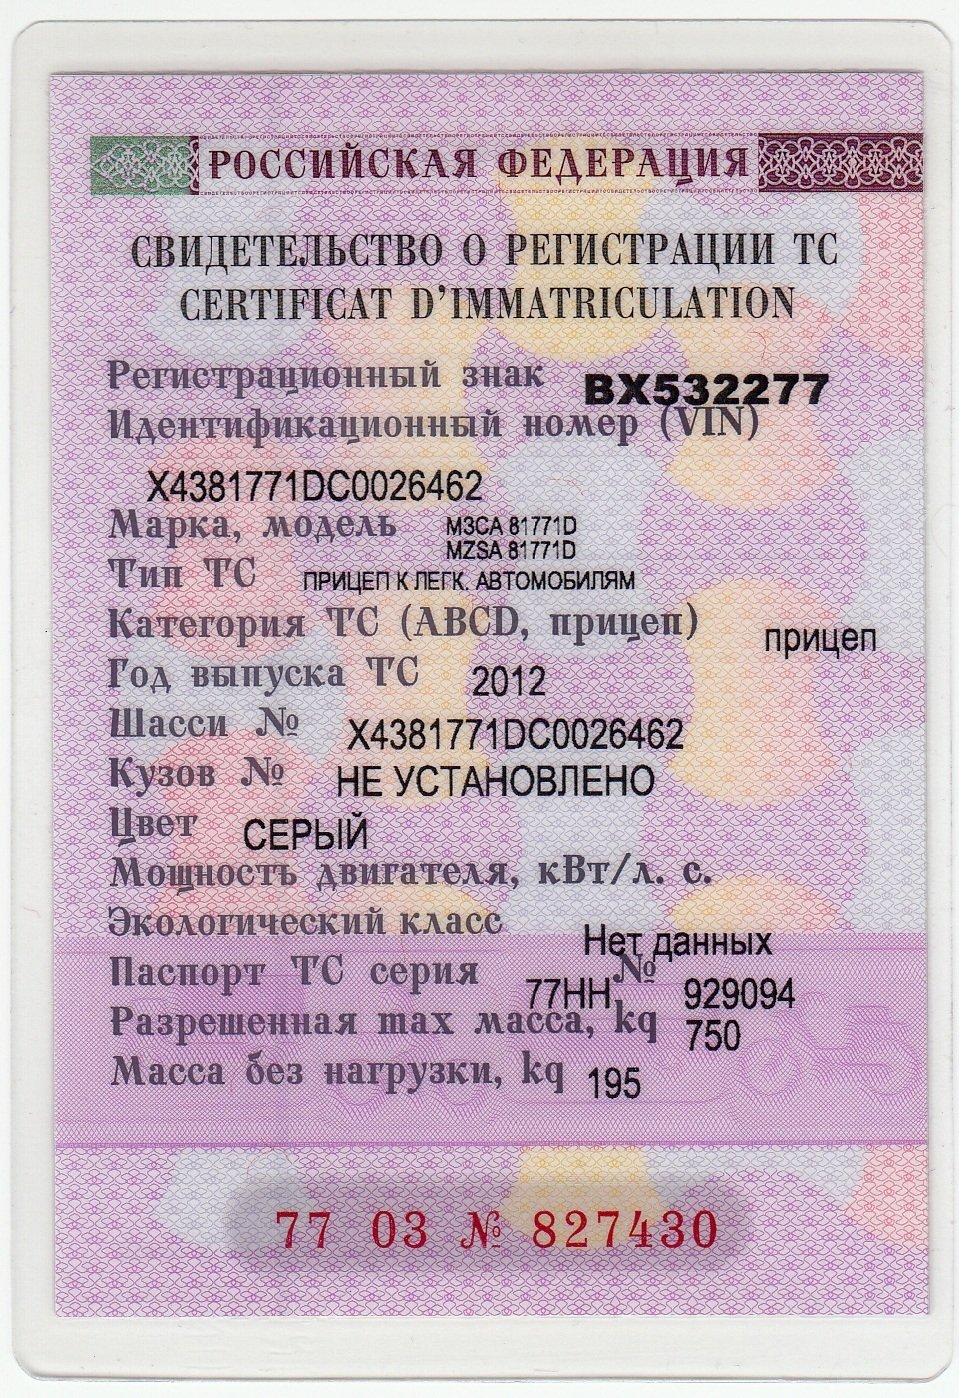 Как сделать свидетельство о регистрации транспортного средства